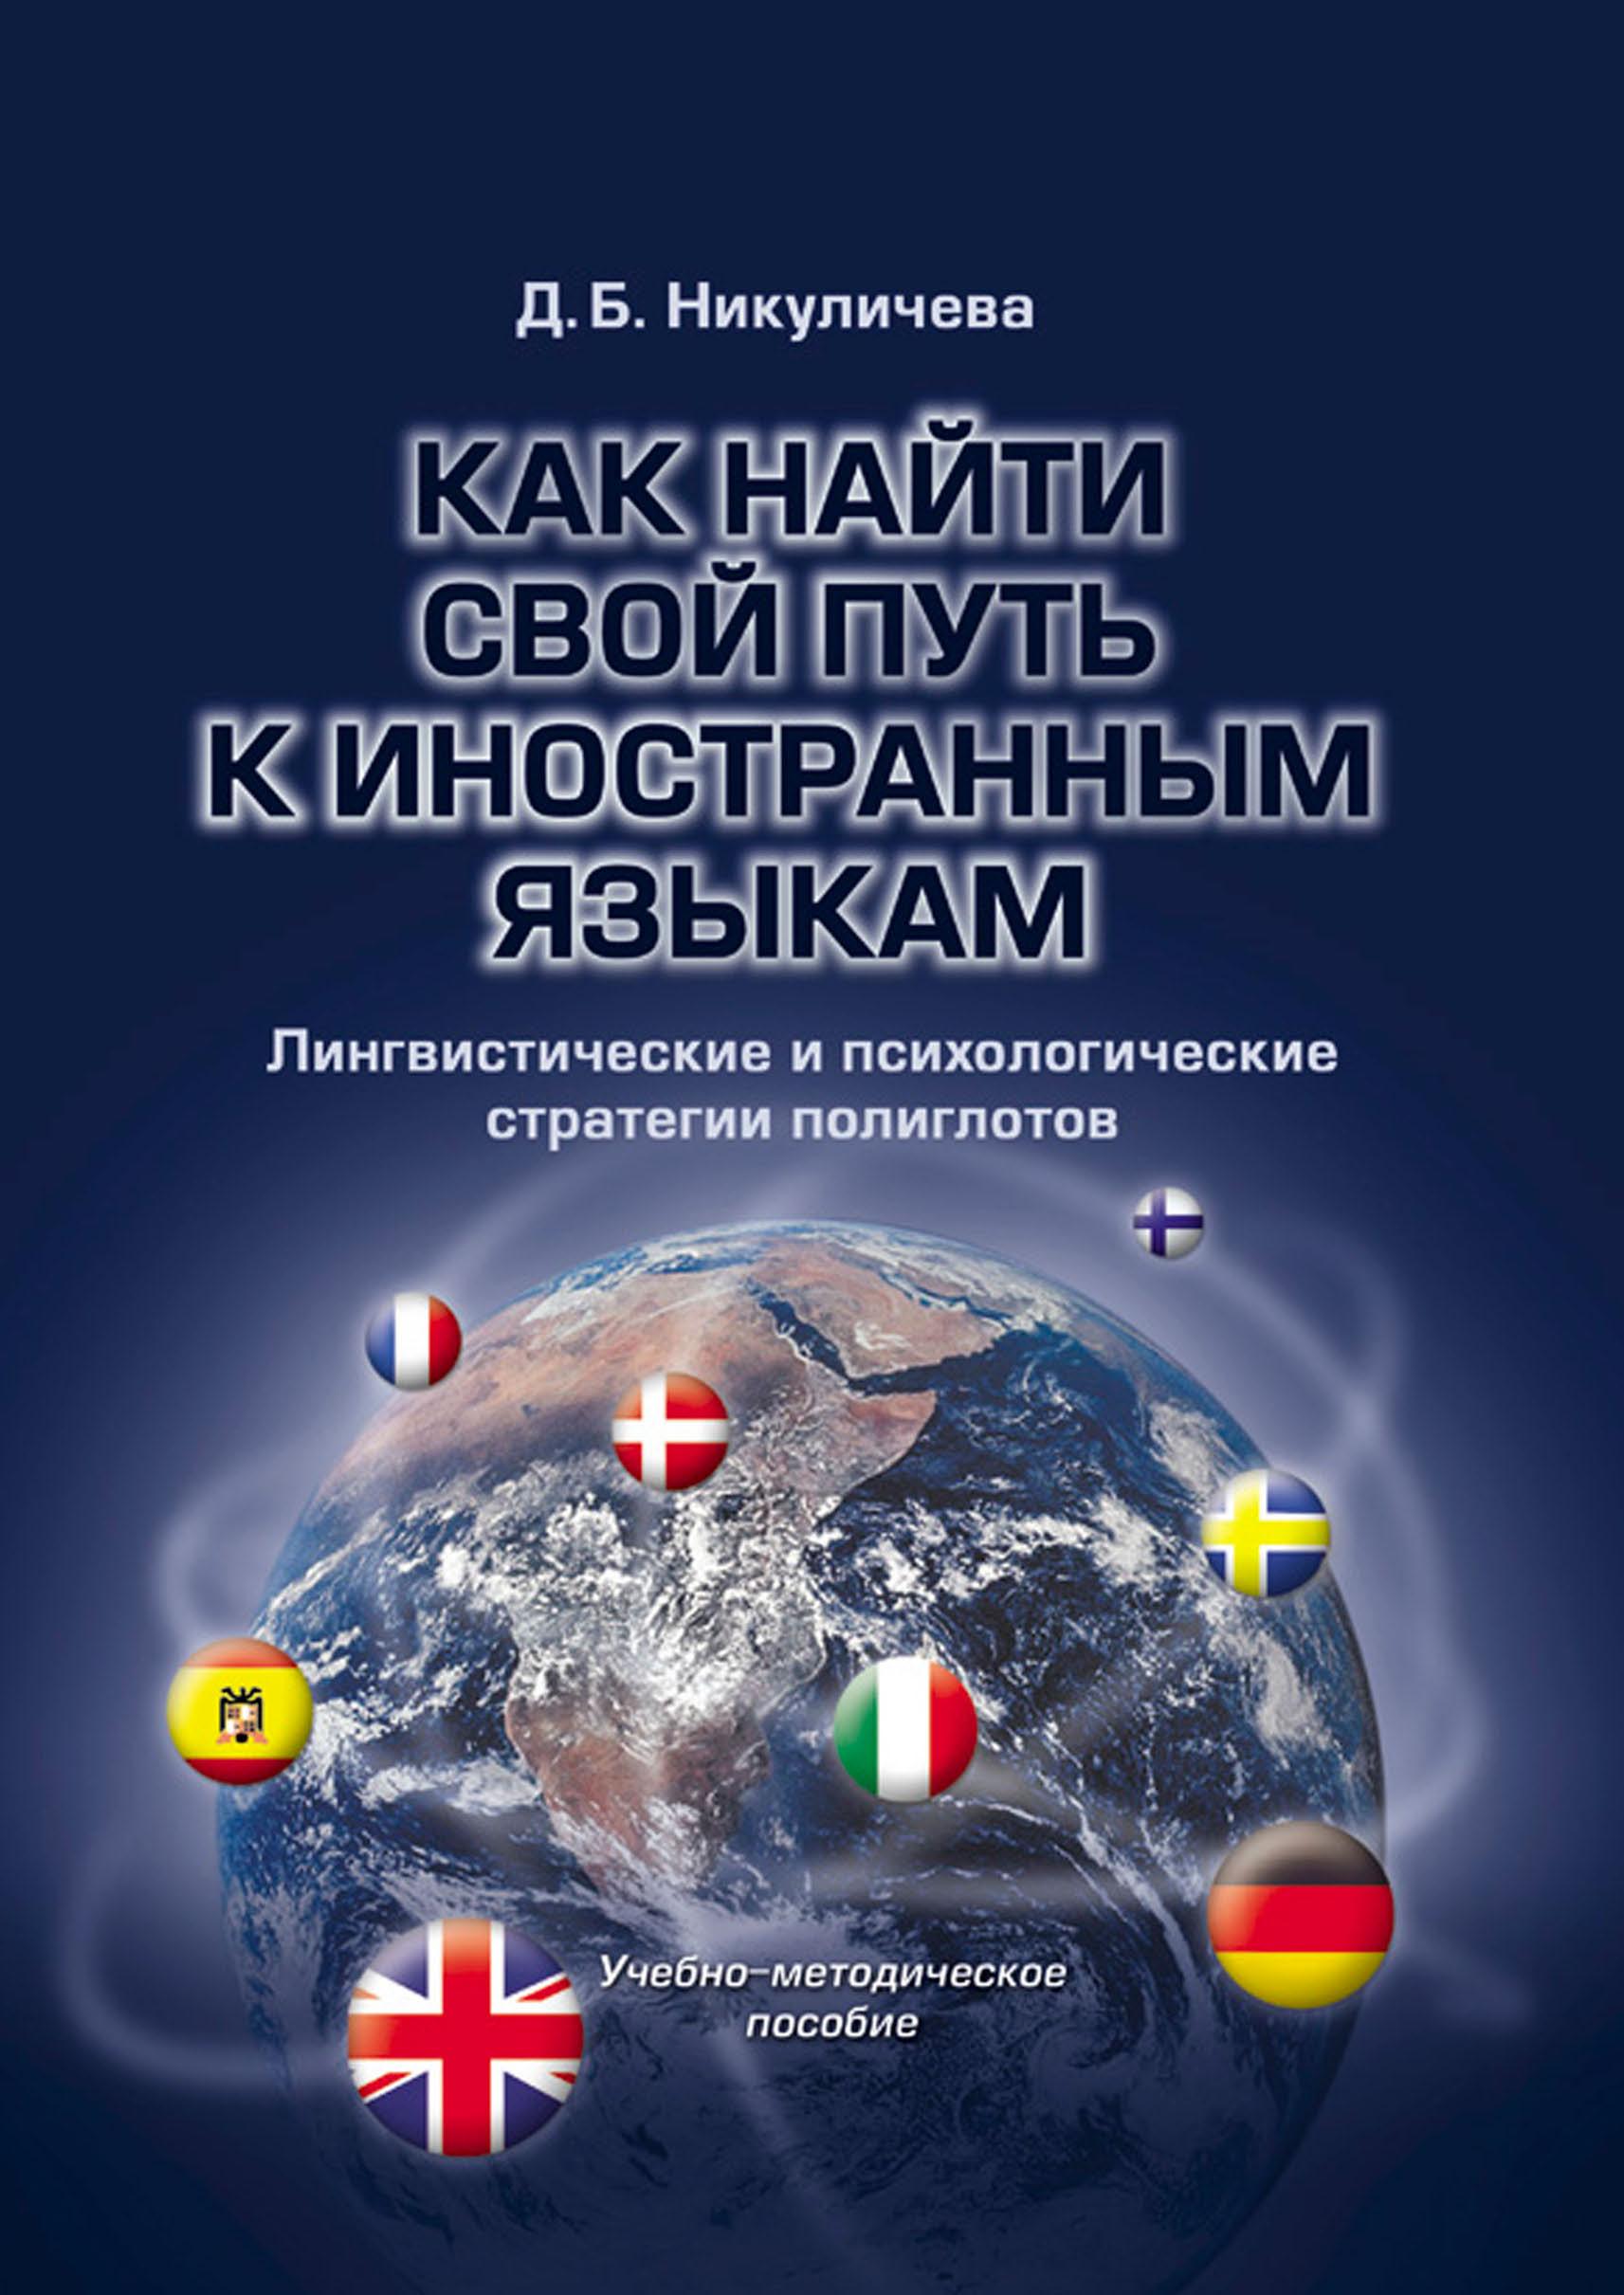 Д. Б. Никуличева Как найти свой путь к иностранным языкам. Лингвистические и психологические стратегии полиглотов. Учебно-методическое пособие все цены